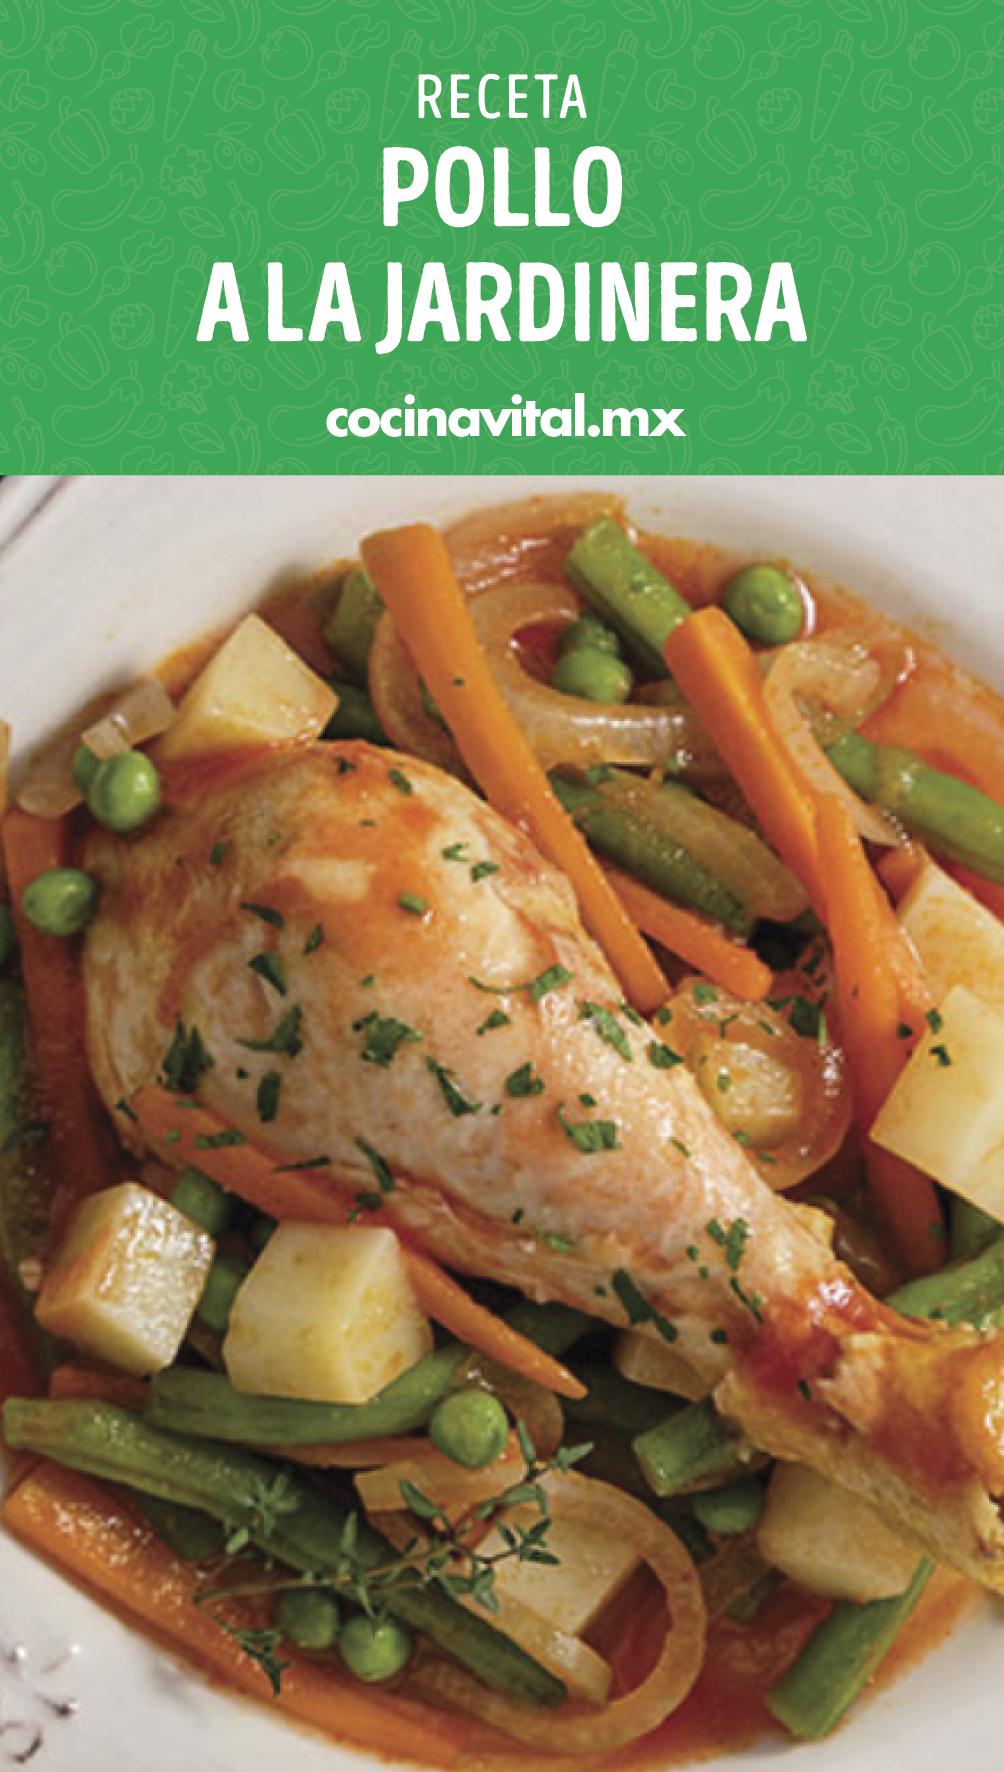 Receta De Pollo A La Jardinera Guisado Casero Receta Comida Comida Saludable Pollo Recetas De Comida